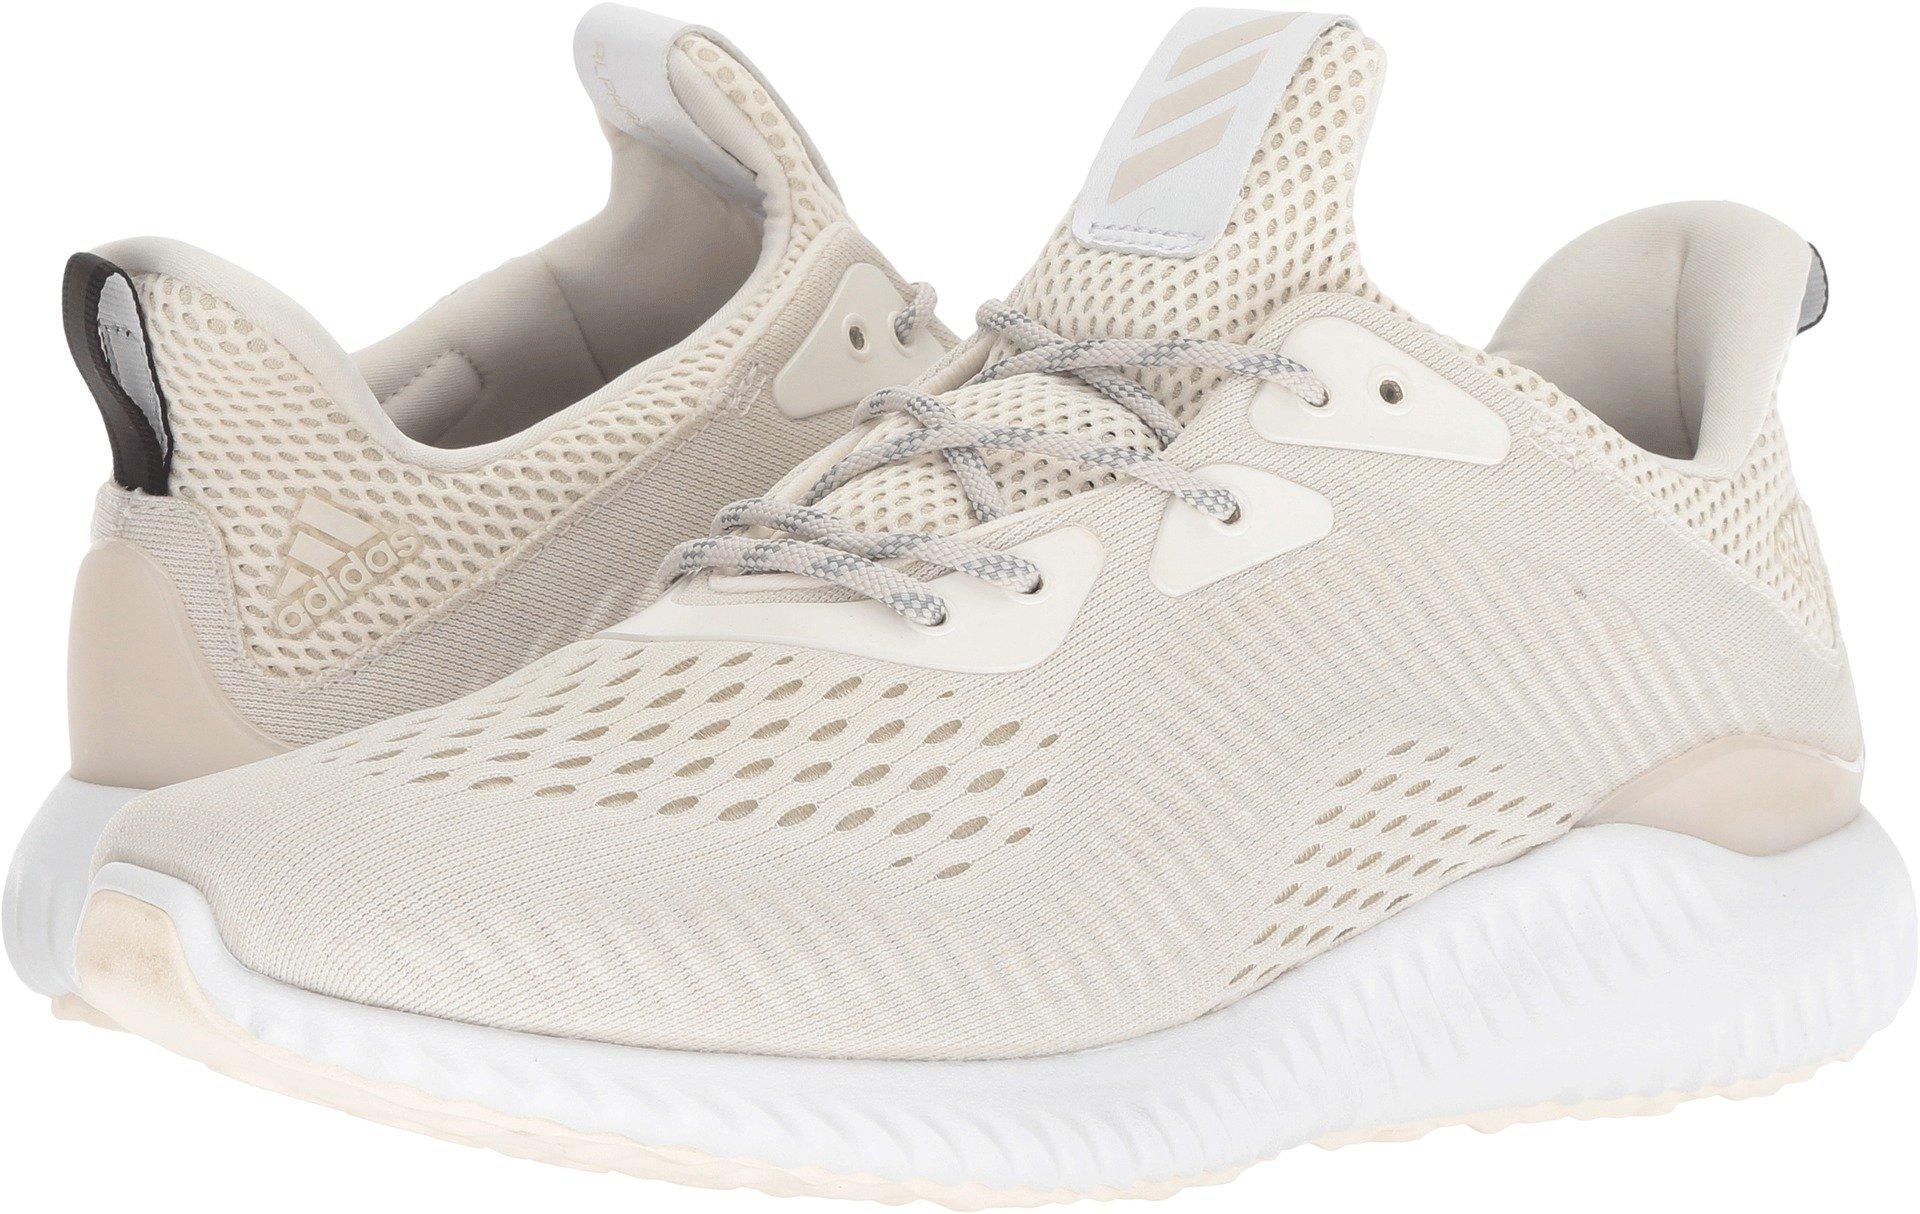 adidas Men's Alphabounce EM Core White/White/Talc 11.5 D US